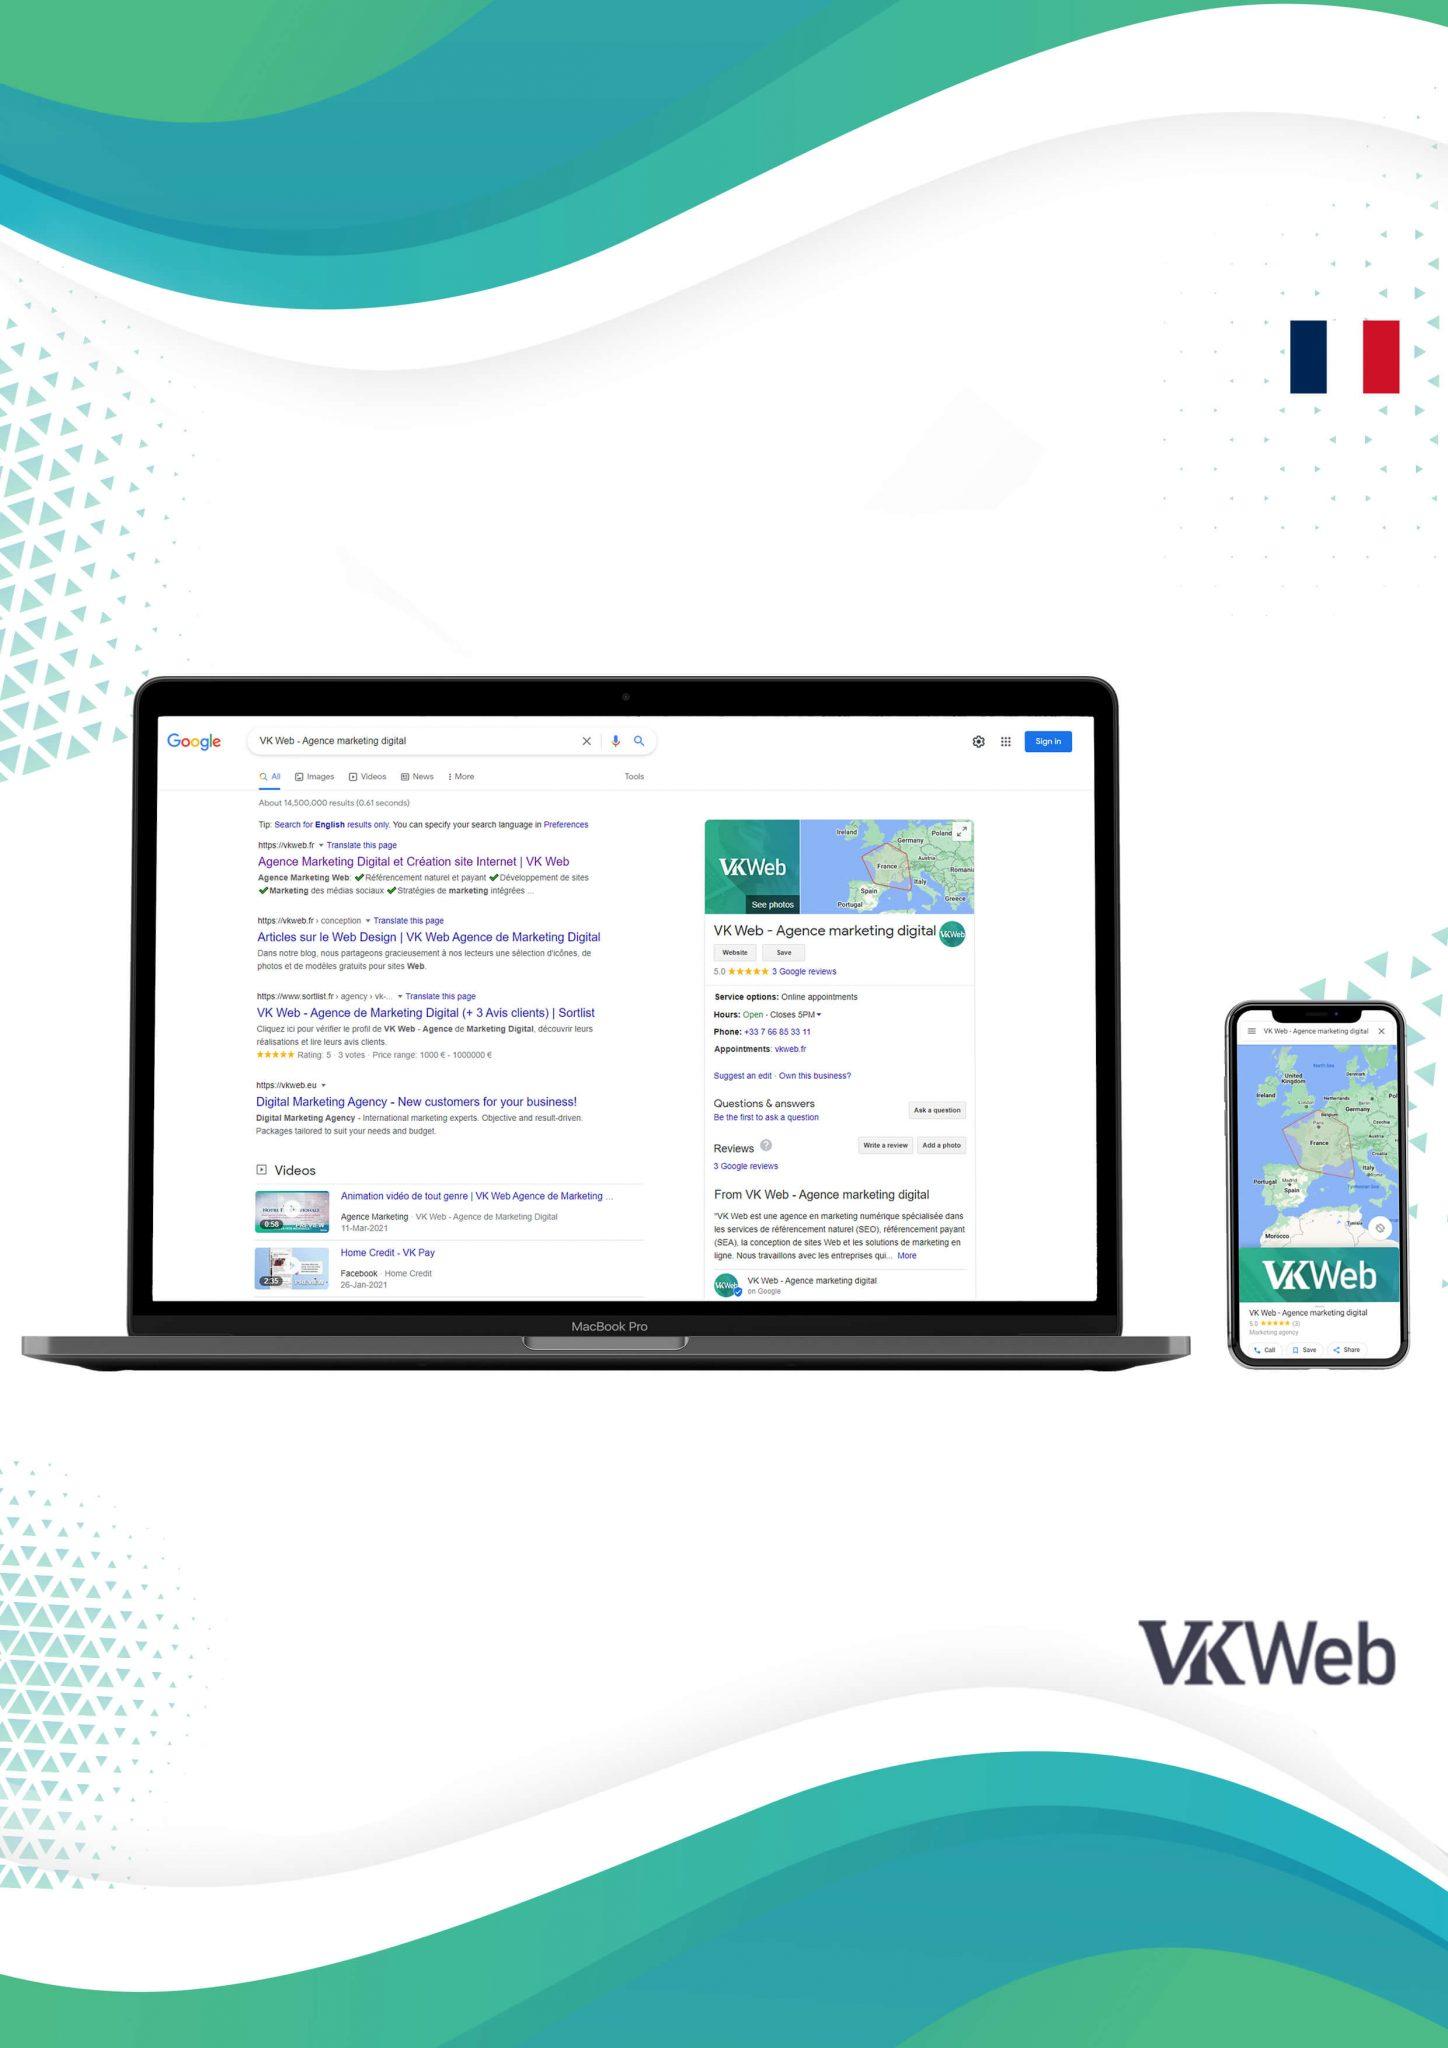 VKweb Slide 4